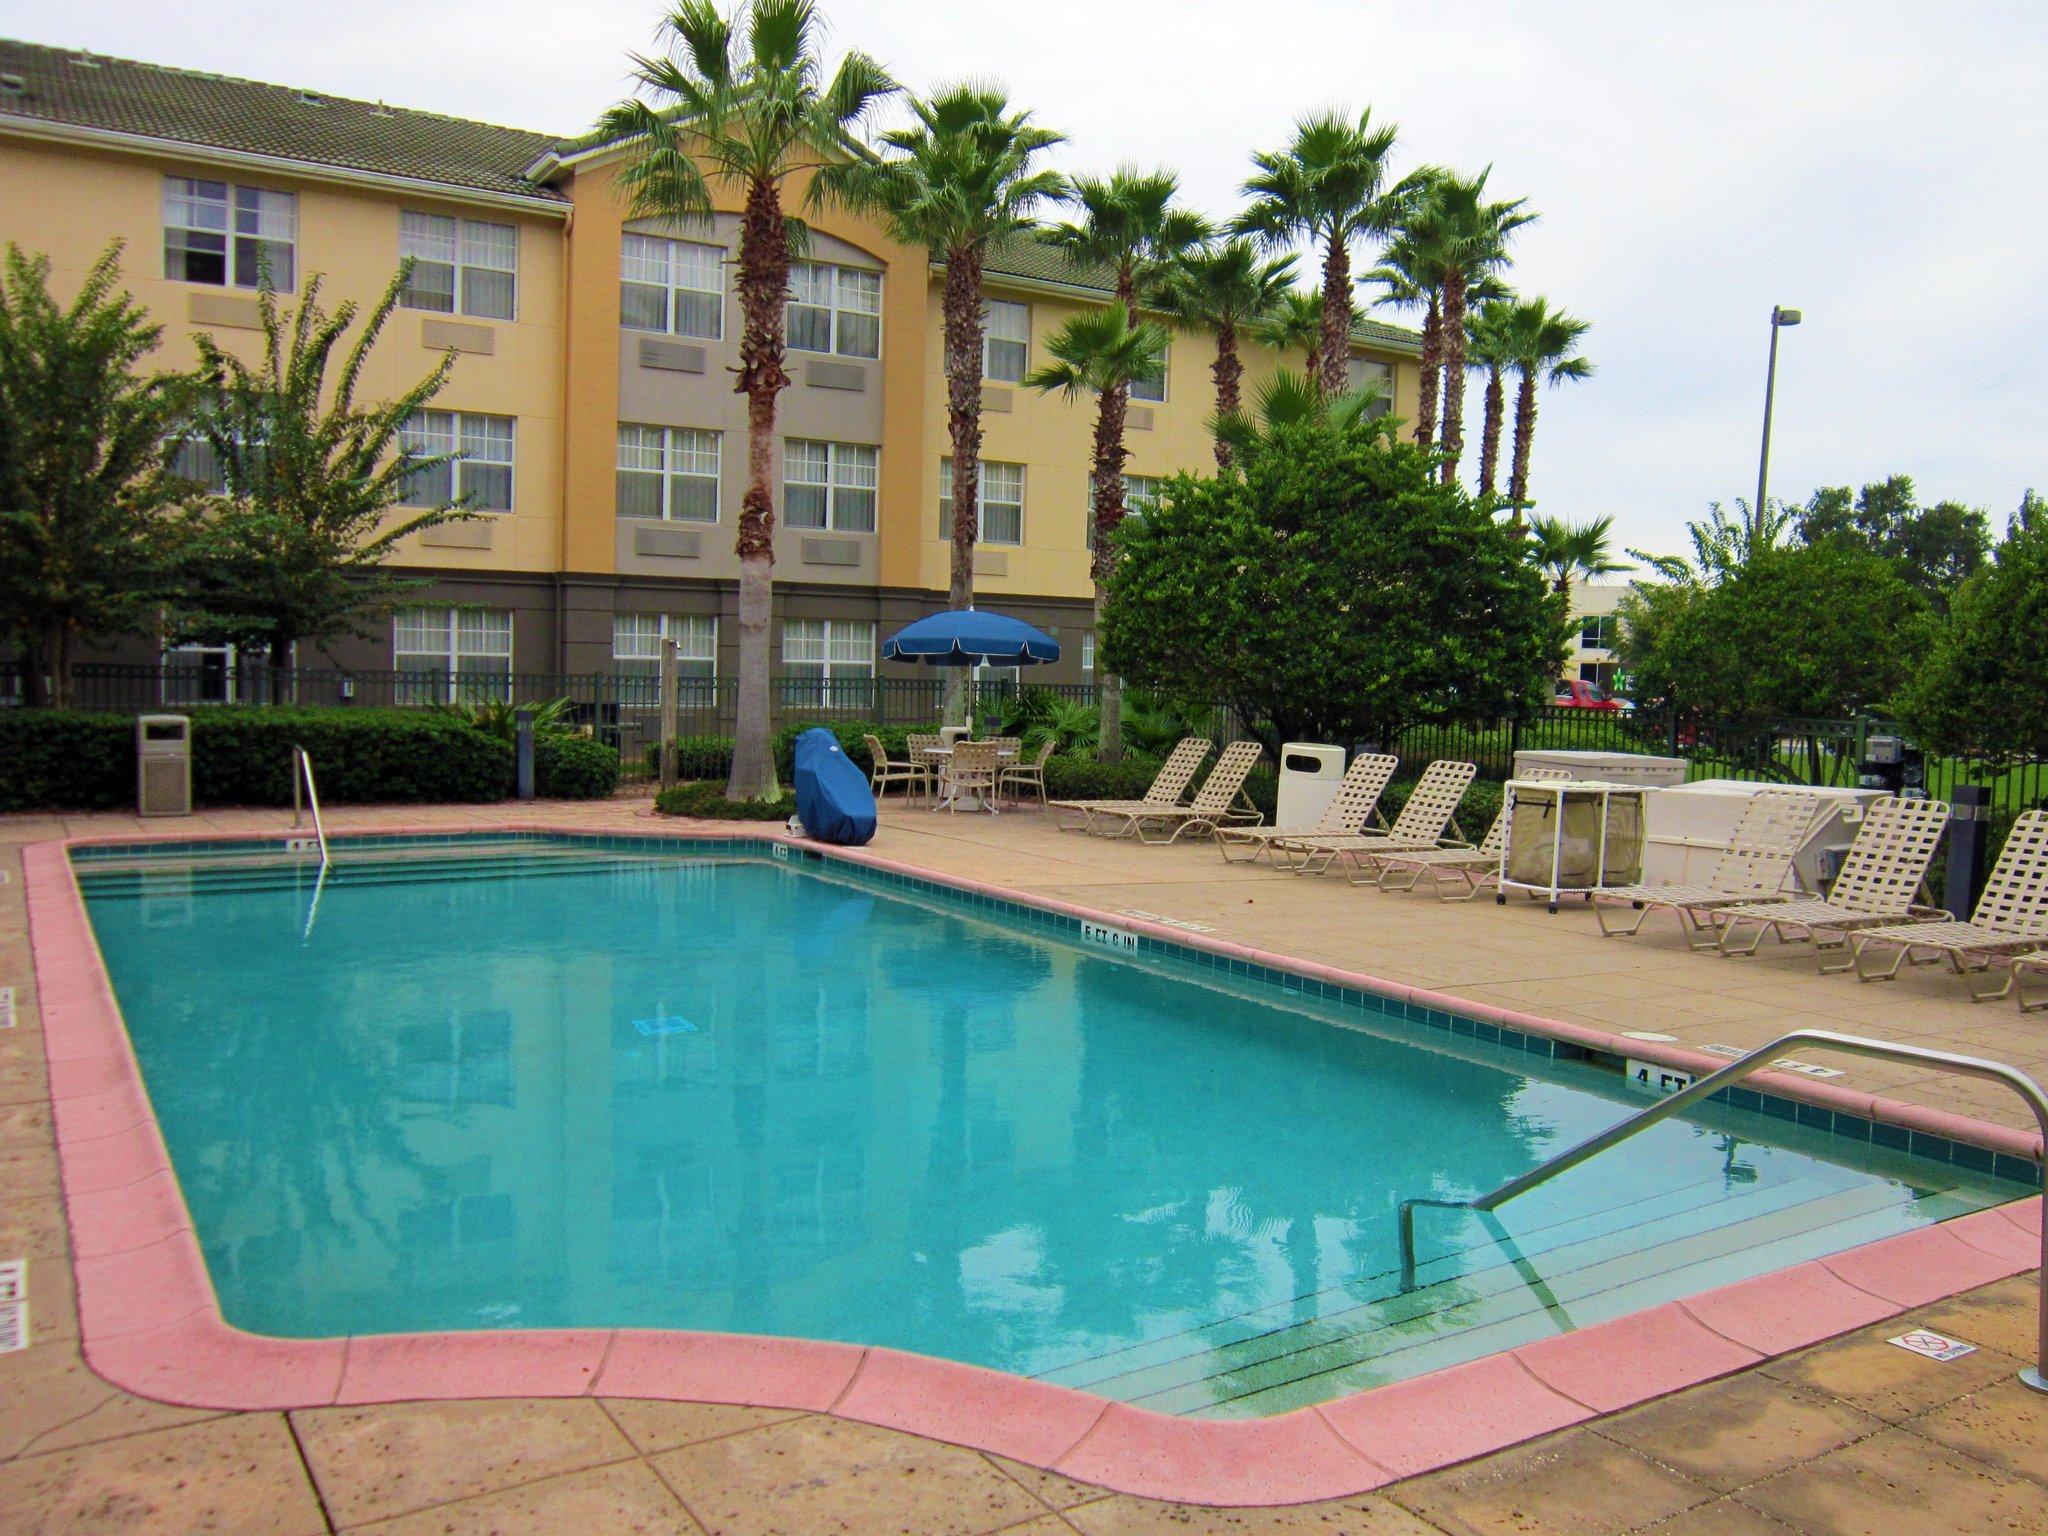 奧蘭多南方公園商品圈美國長住飯店